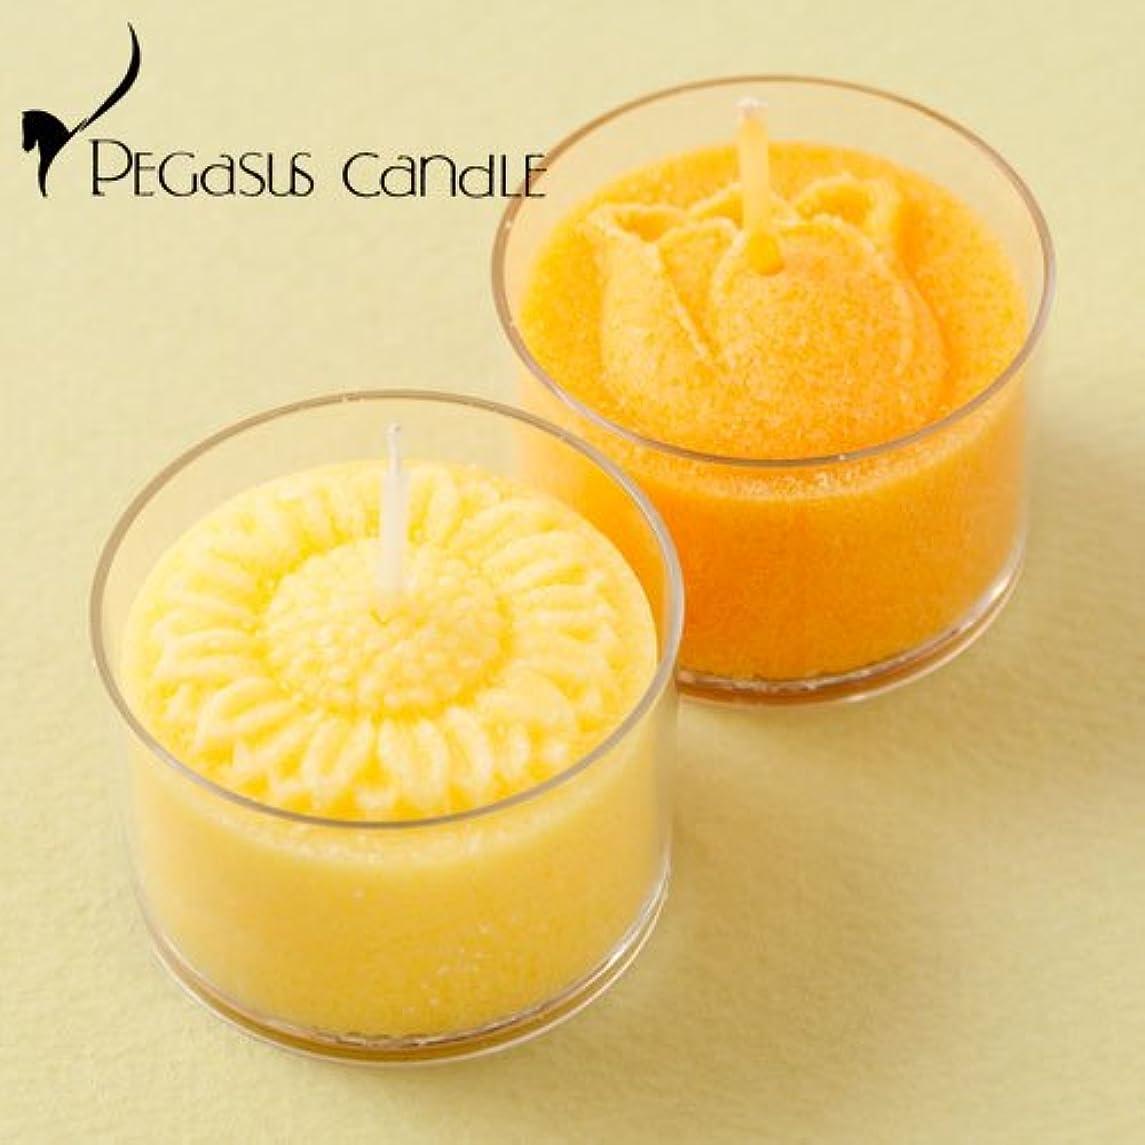 ミッションにはまって散る花暦ヒマワリ?チューリップ花の形のキャンドル2個セット(無香タイプ)ペガサスキャンドルFlower shaped candle